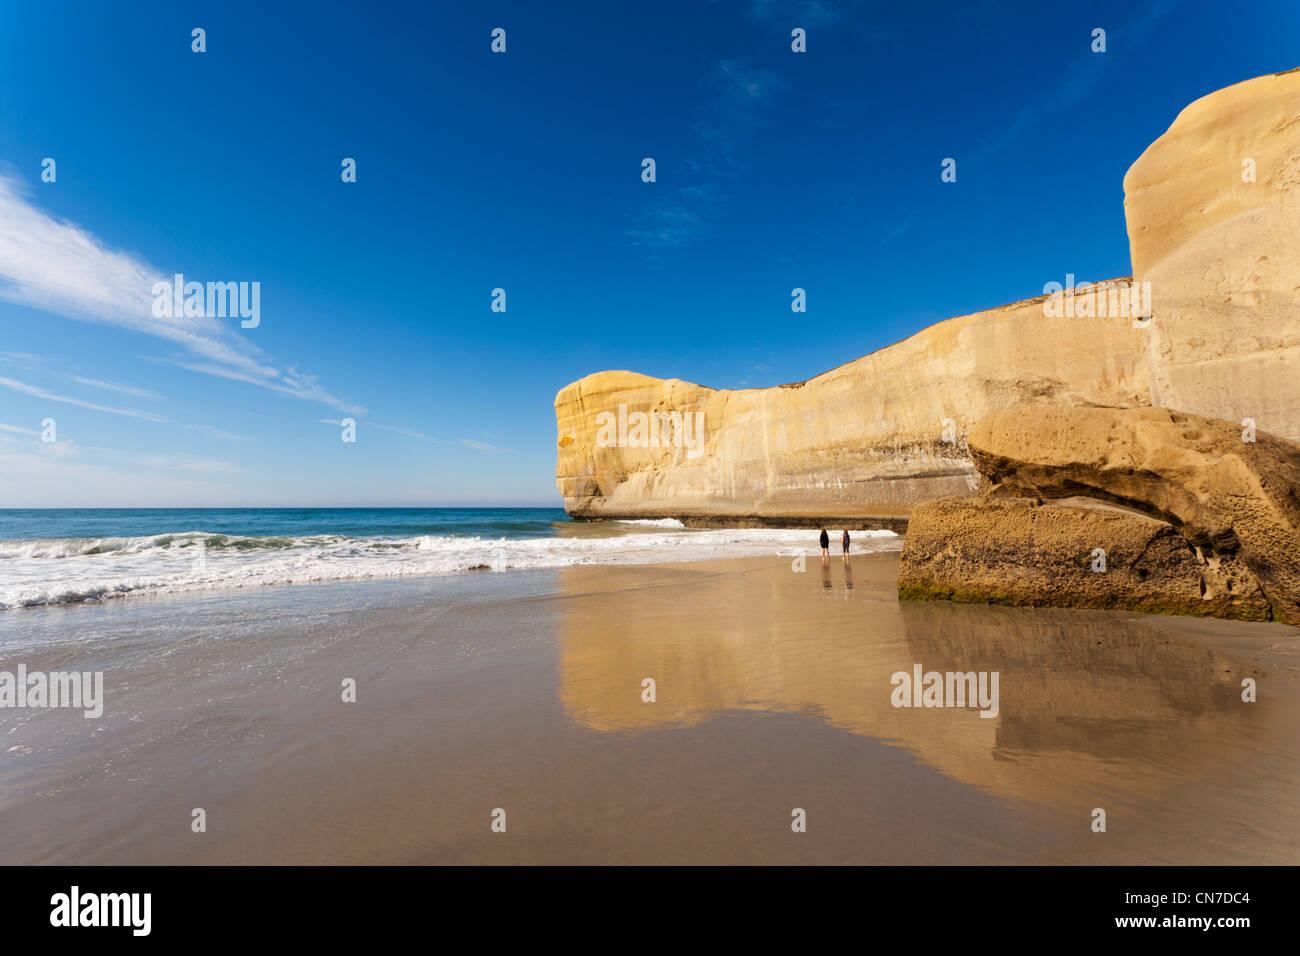 Plage de tunnel, Dunedin, Otago, deux filles debout sur la plage. Banque D'Images